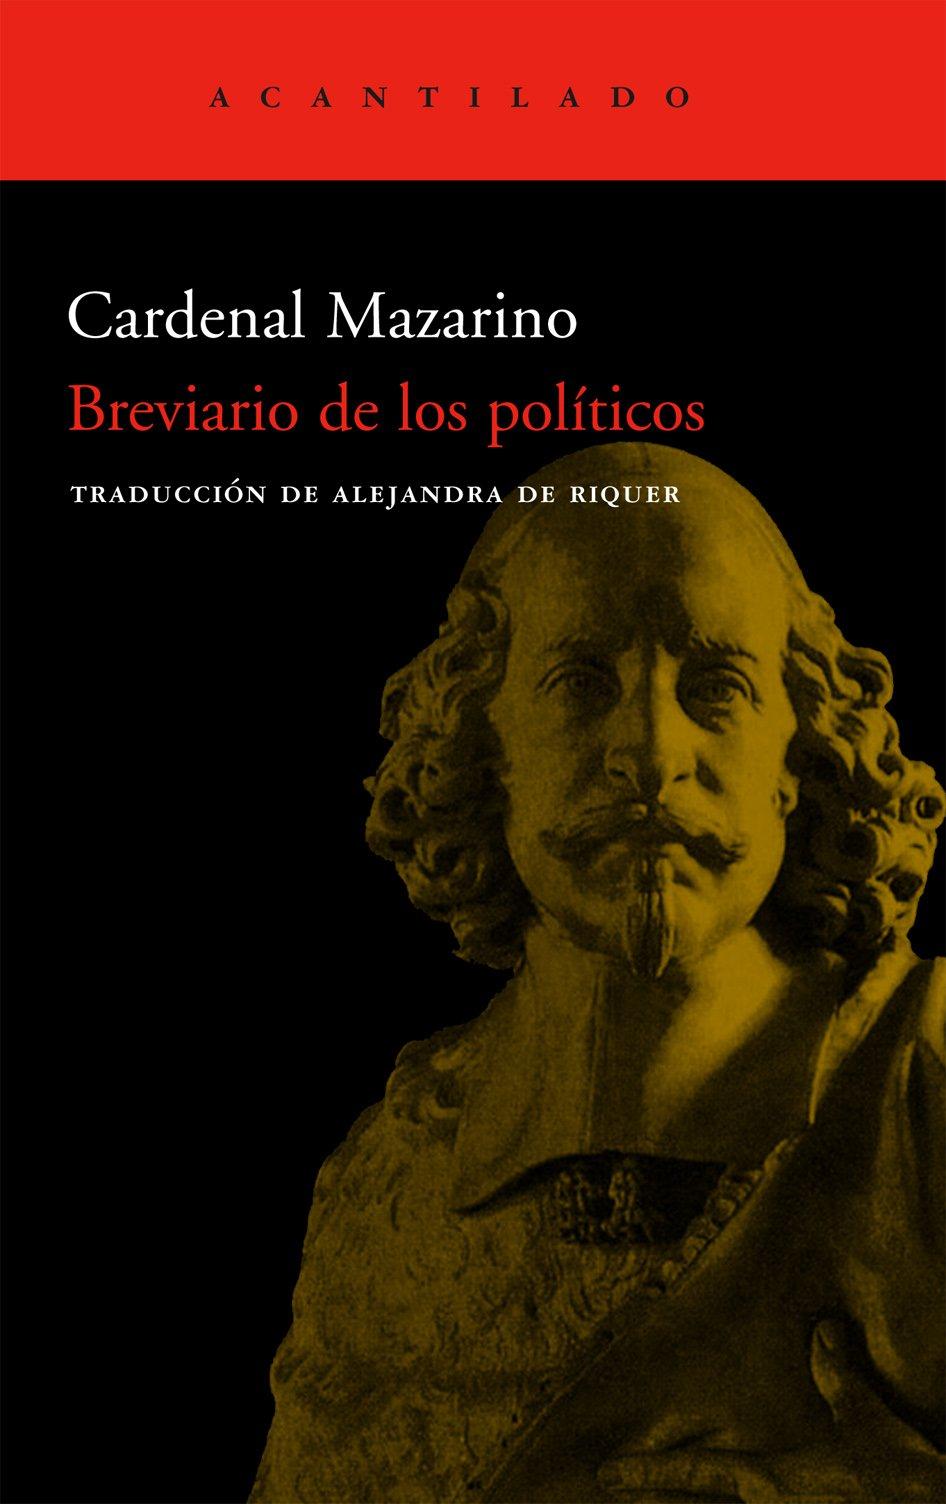 Breviario de los politicos / Breviary of politicians: Mazarino, Cardenal:  9788496489981: Books - Amazon.ca